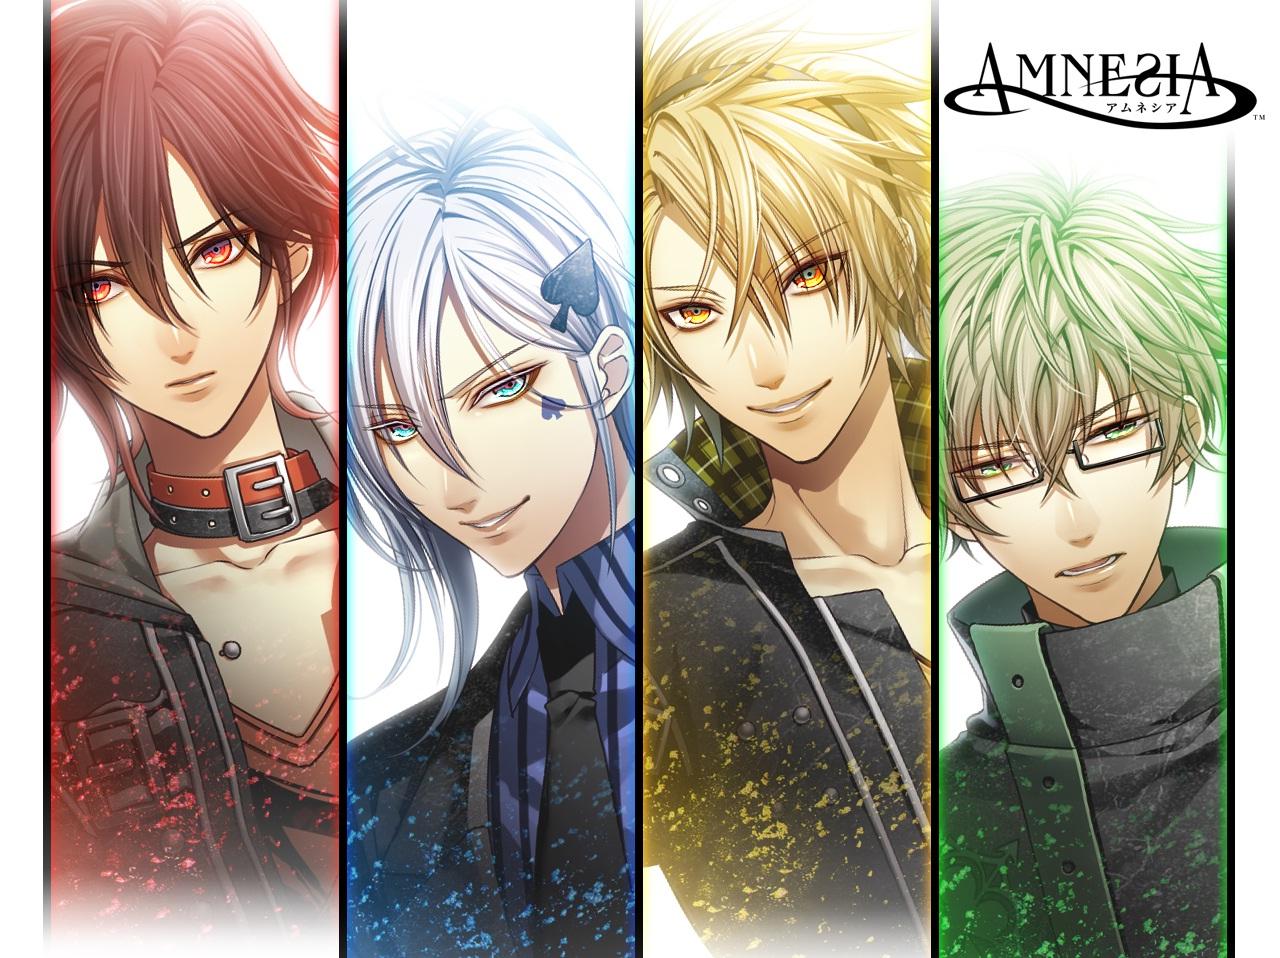 4 routes của Amnesia: Shin/Ikki/Toma/Kent